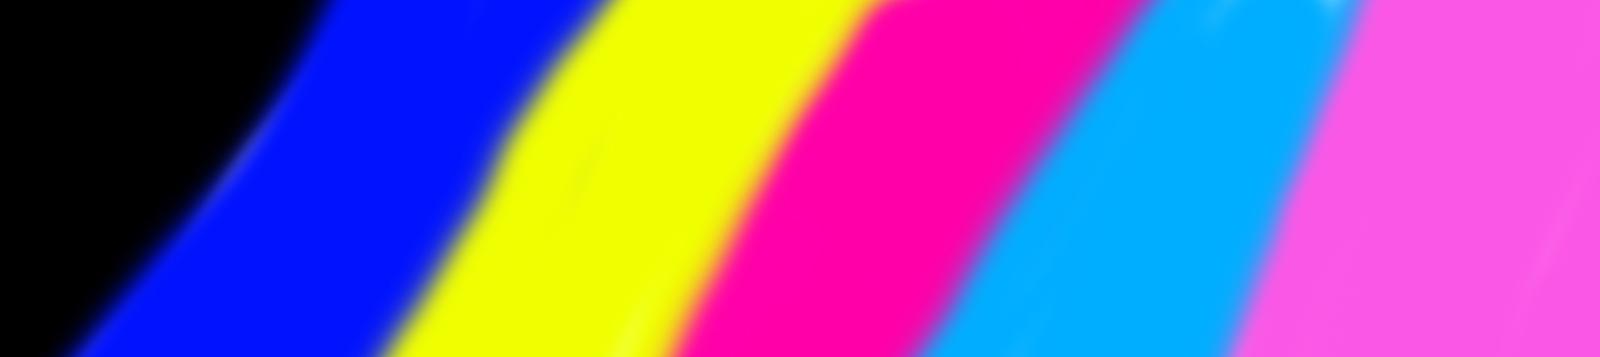 образец для проверки цветного принтера